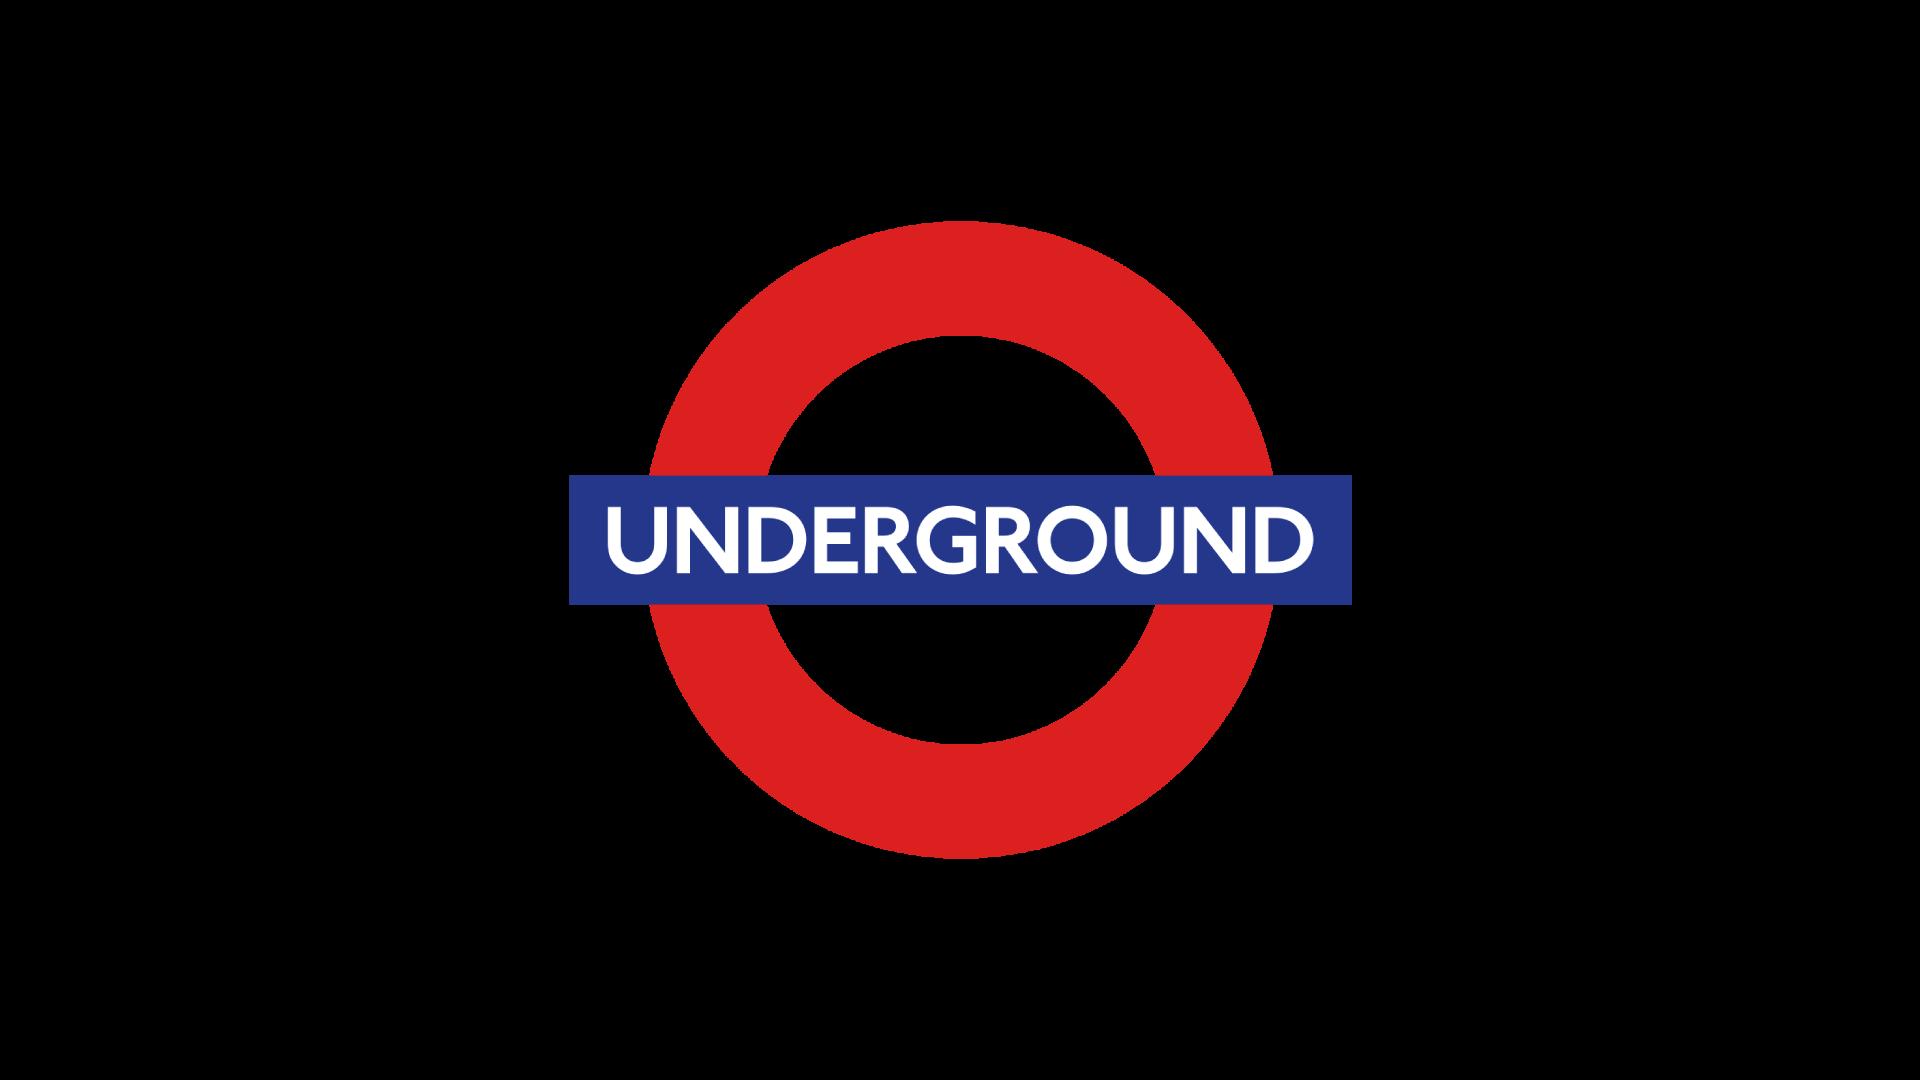 CADS Client London Underground